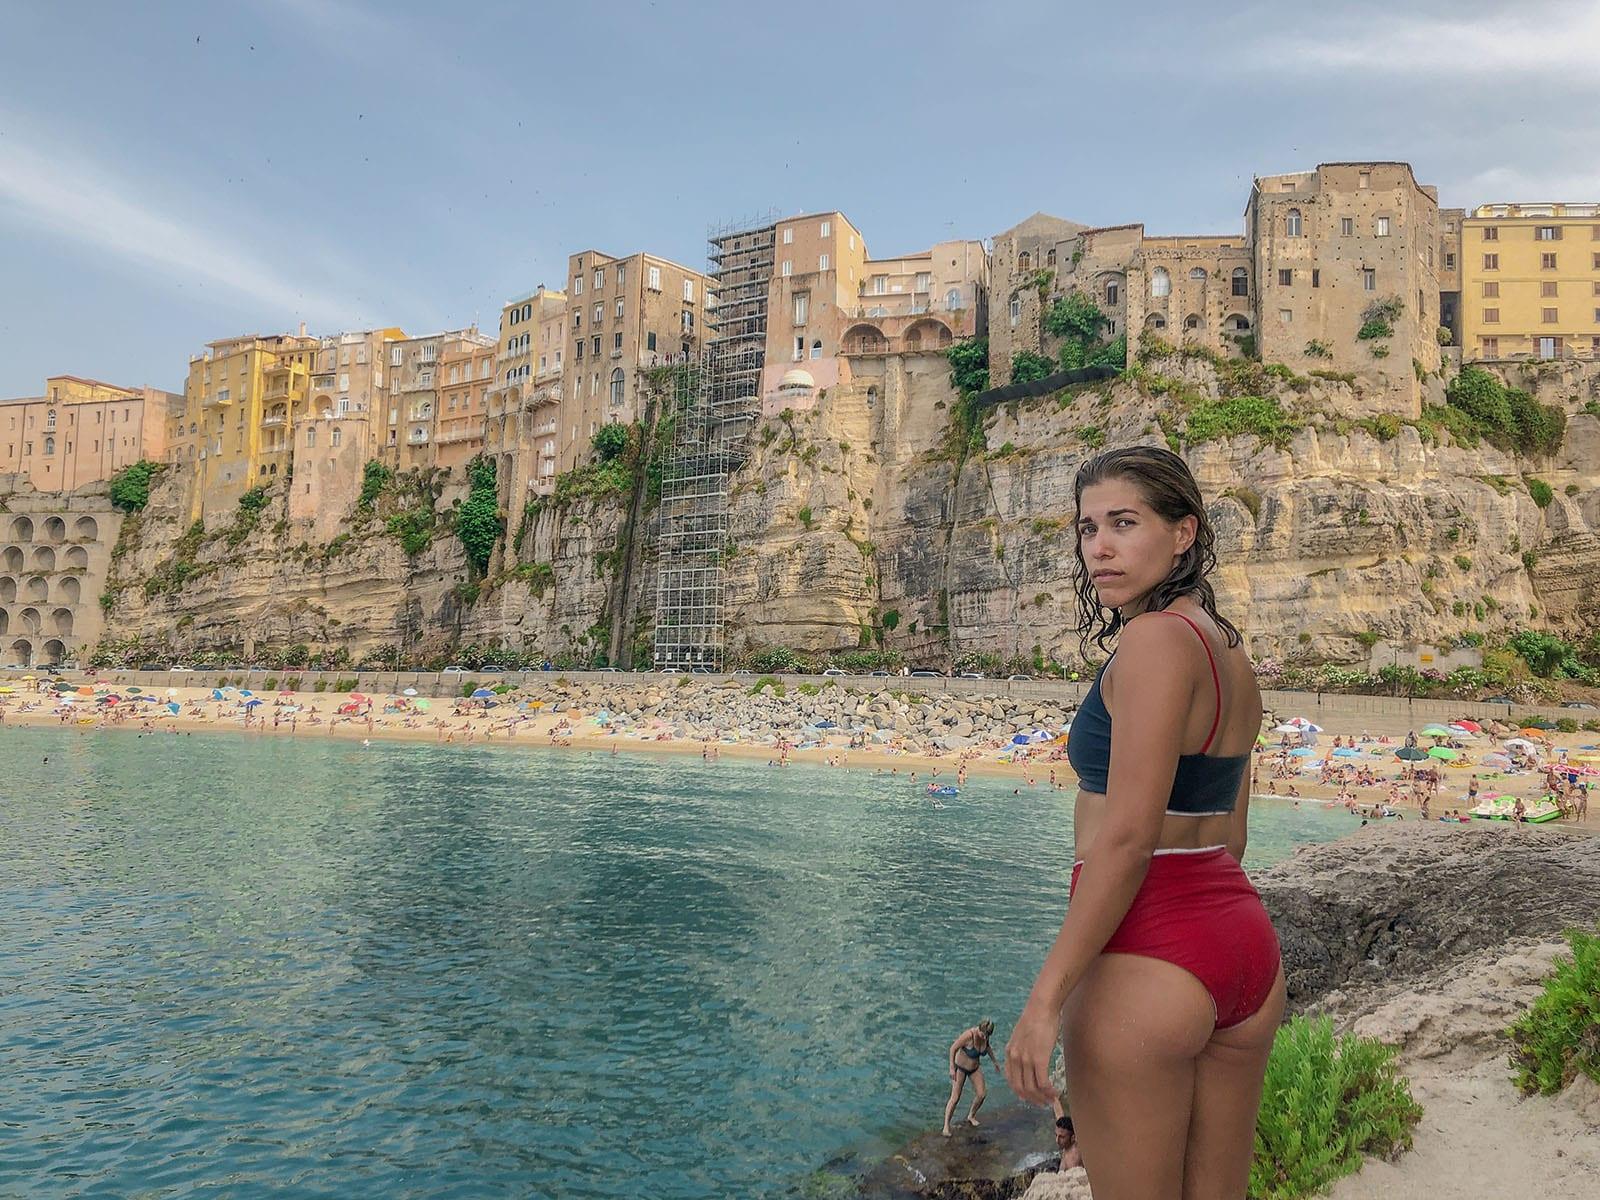 Mulher na frente da Vista da praia de Tropea